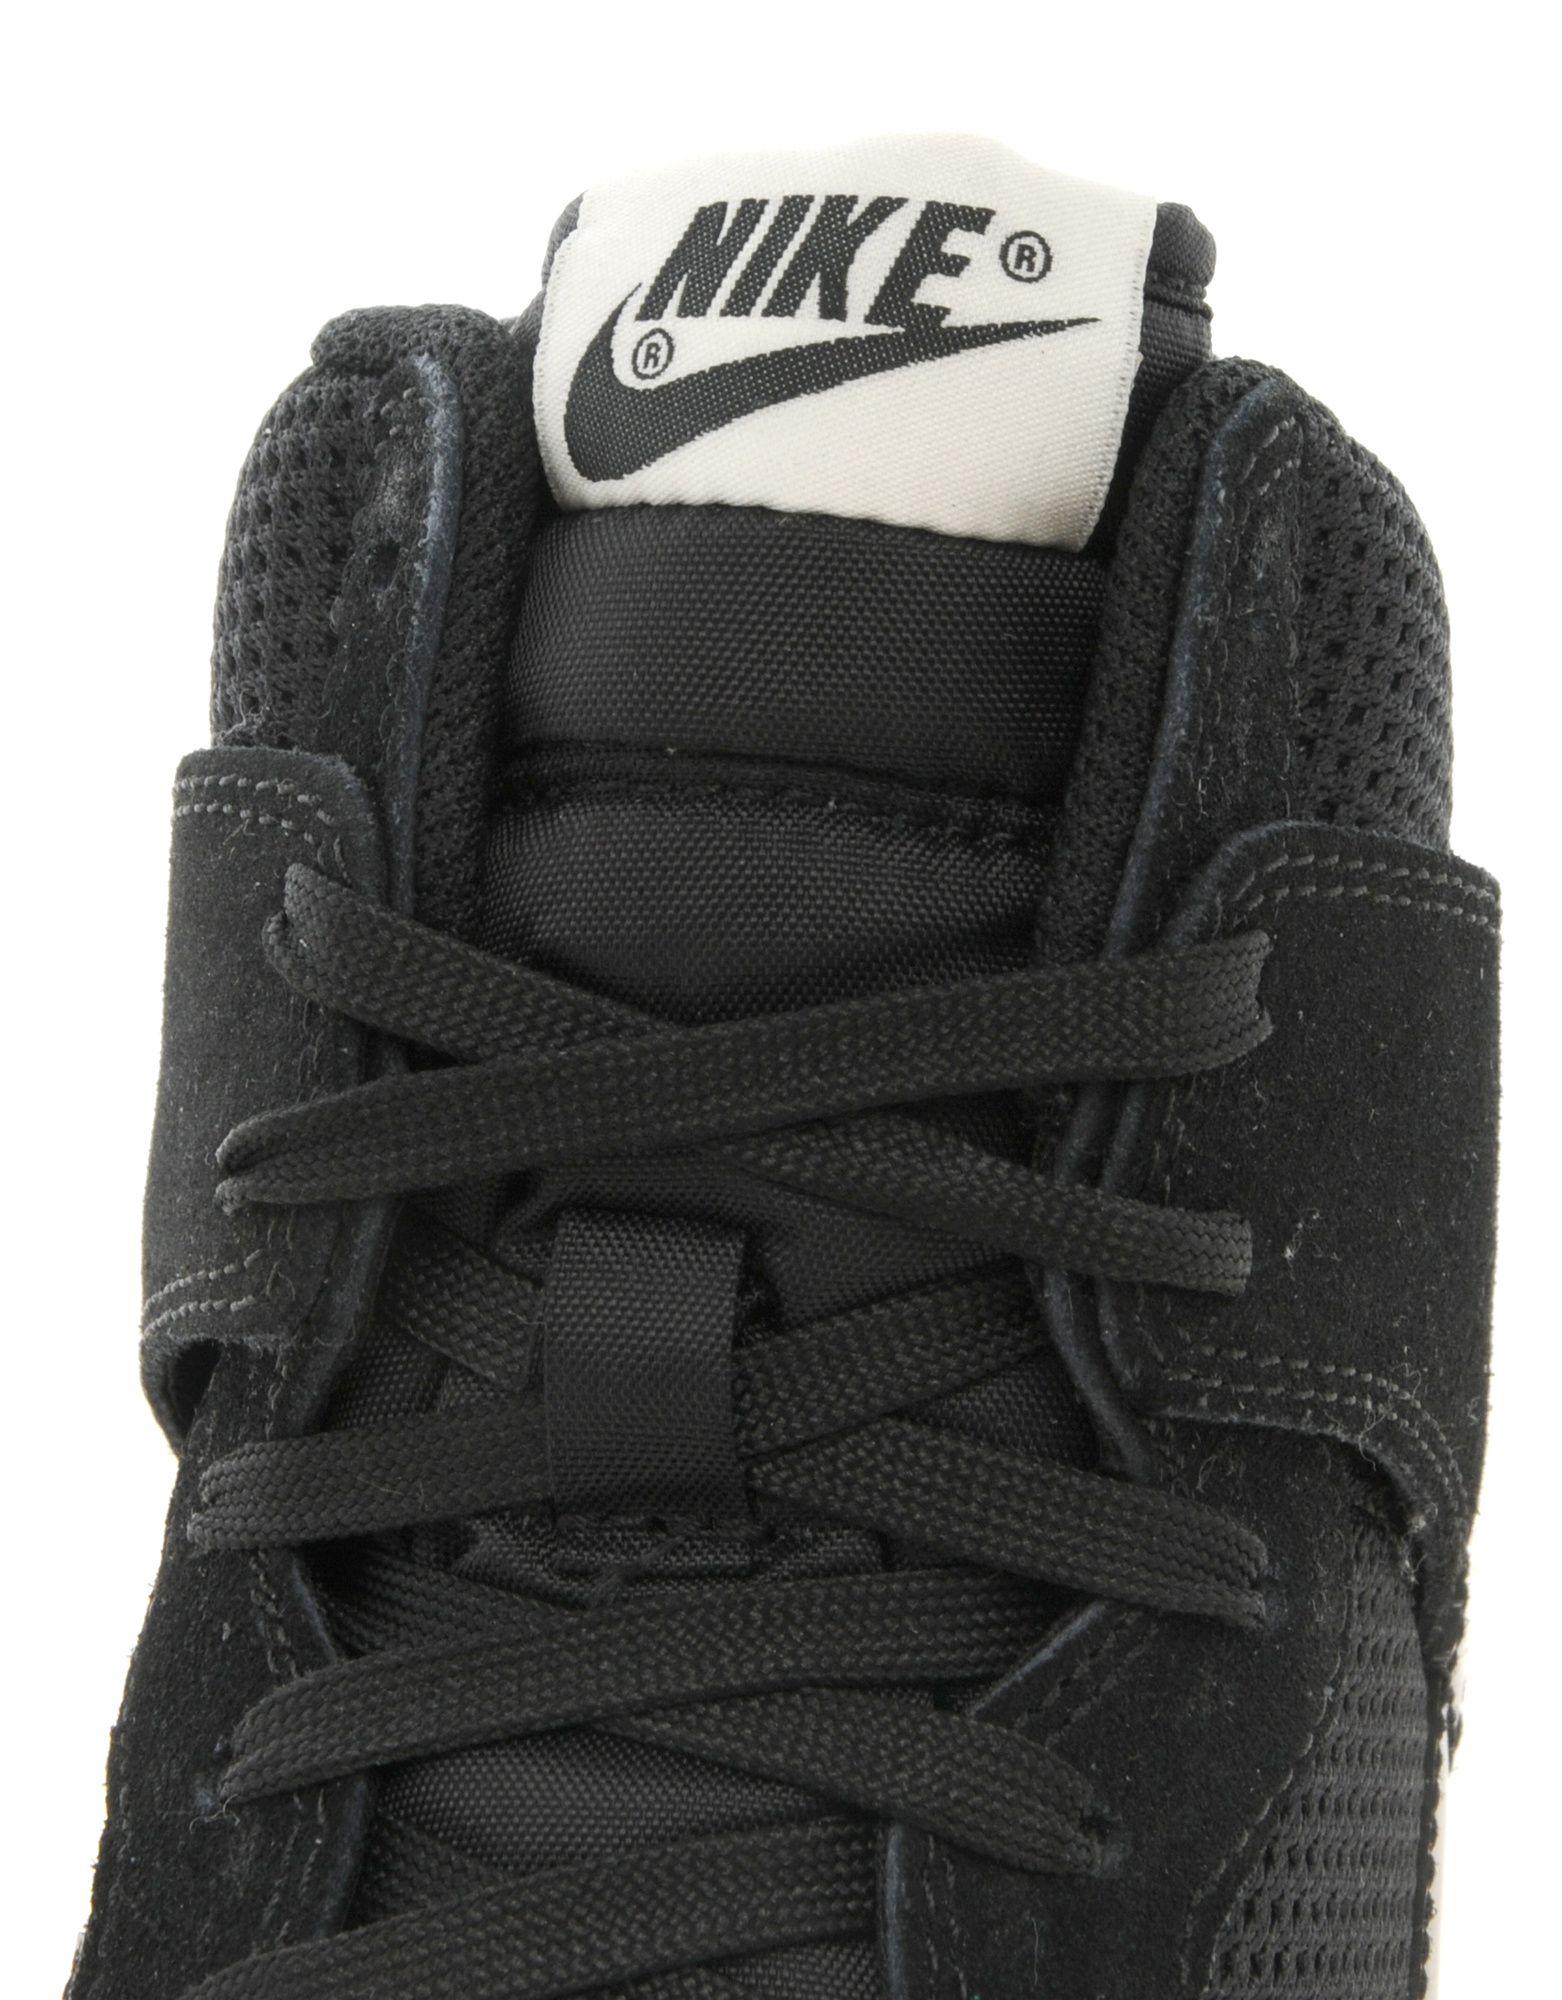 Nike Dunk Sky Hi Wedge